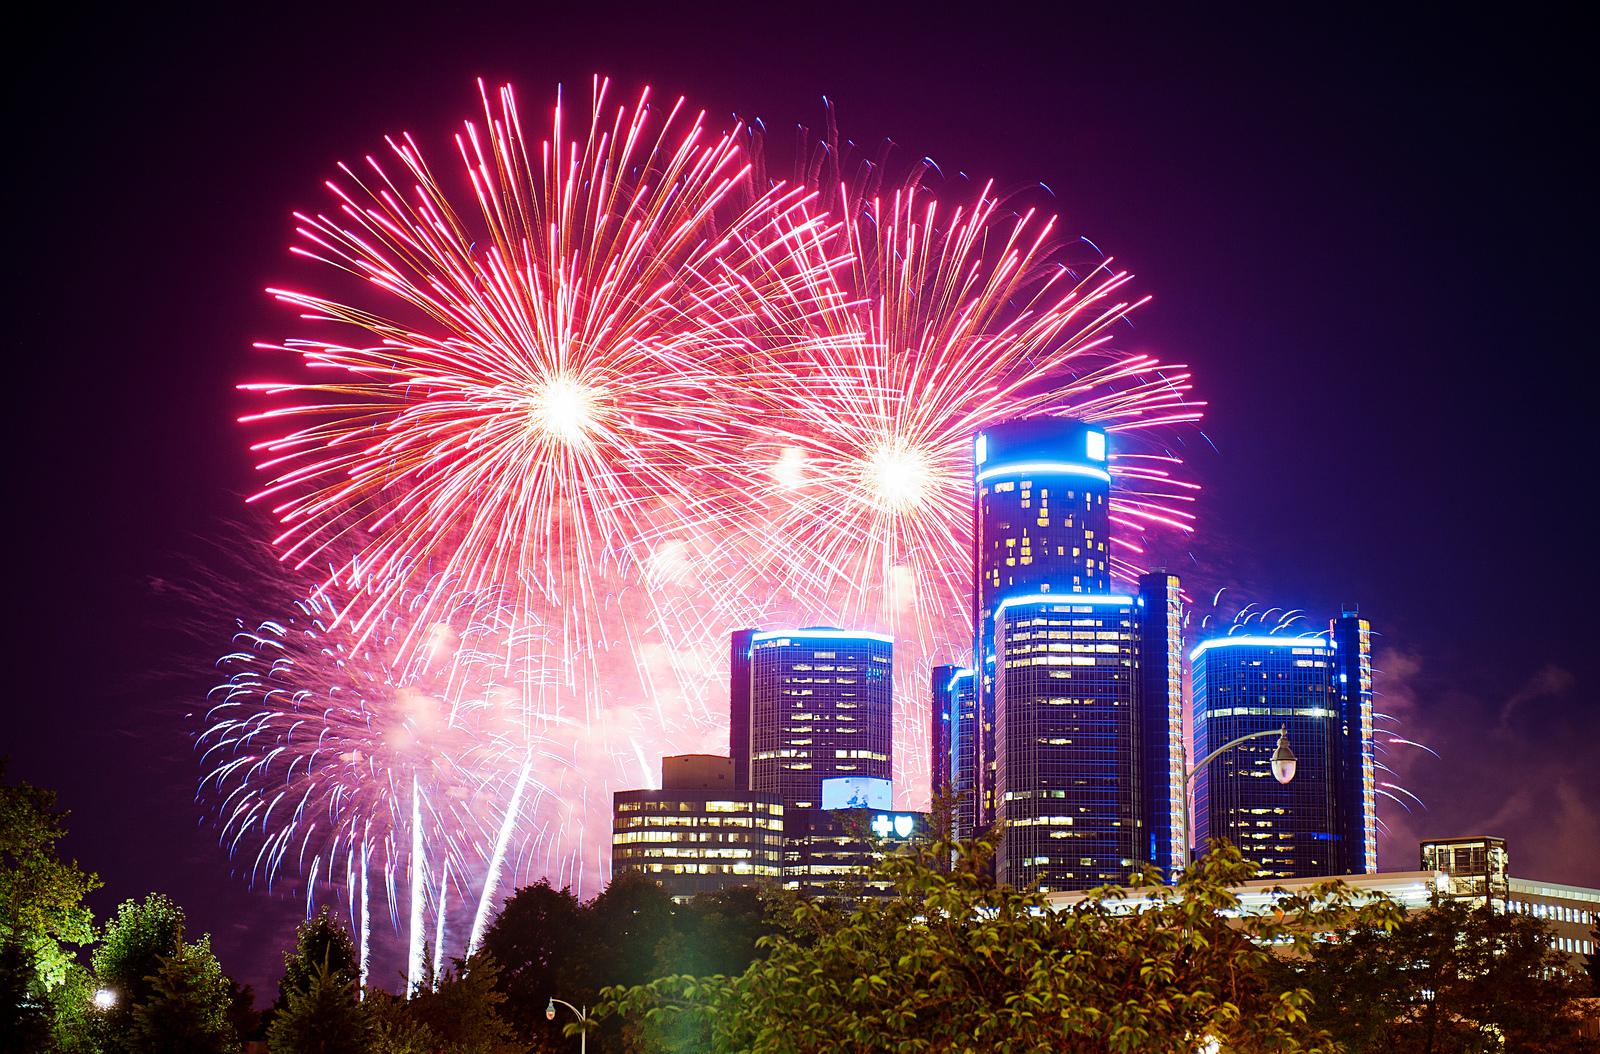 Renaissance Center Fireworks